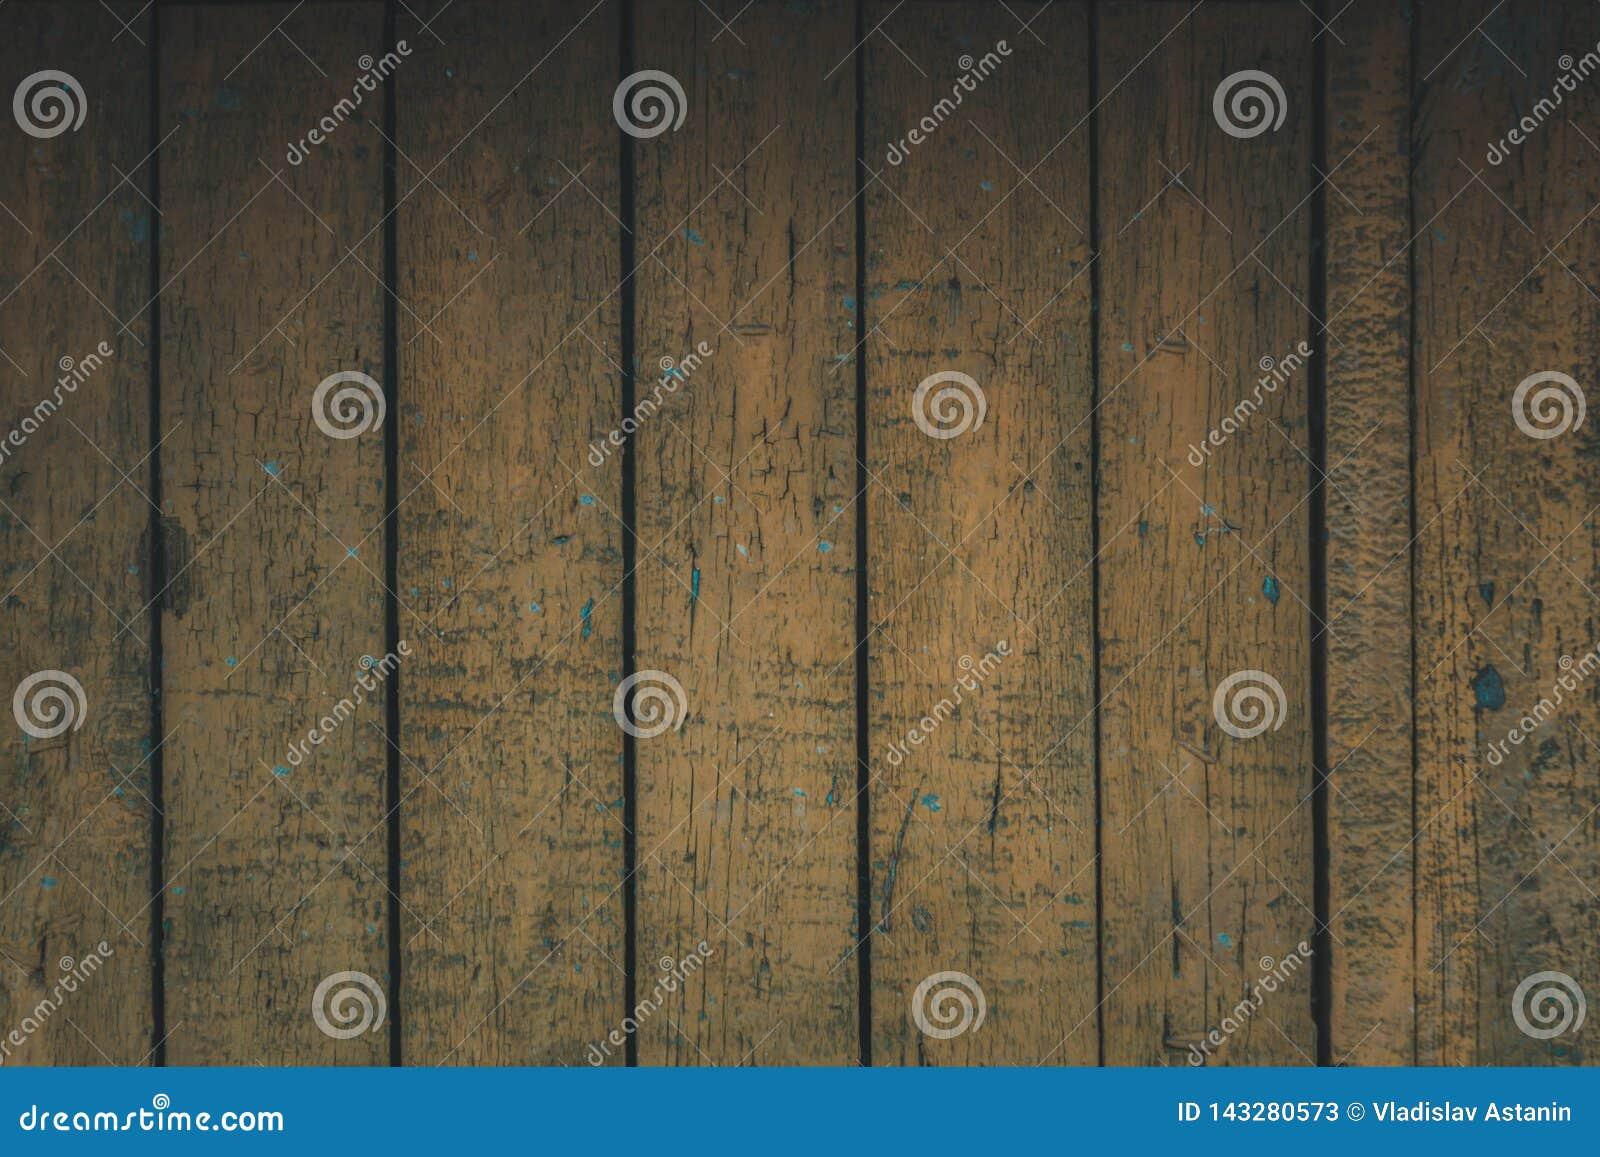 Pared del fondo de la textura de los tableros de madera